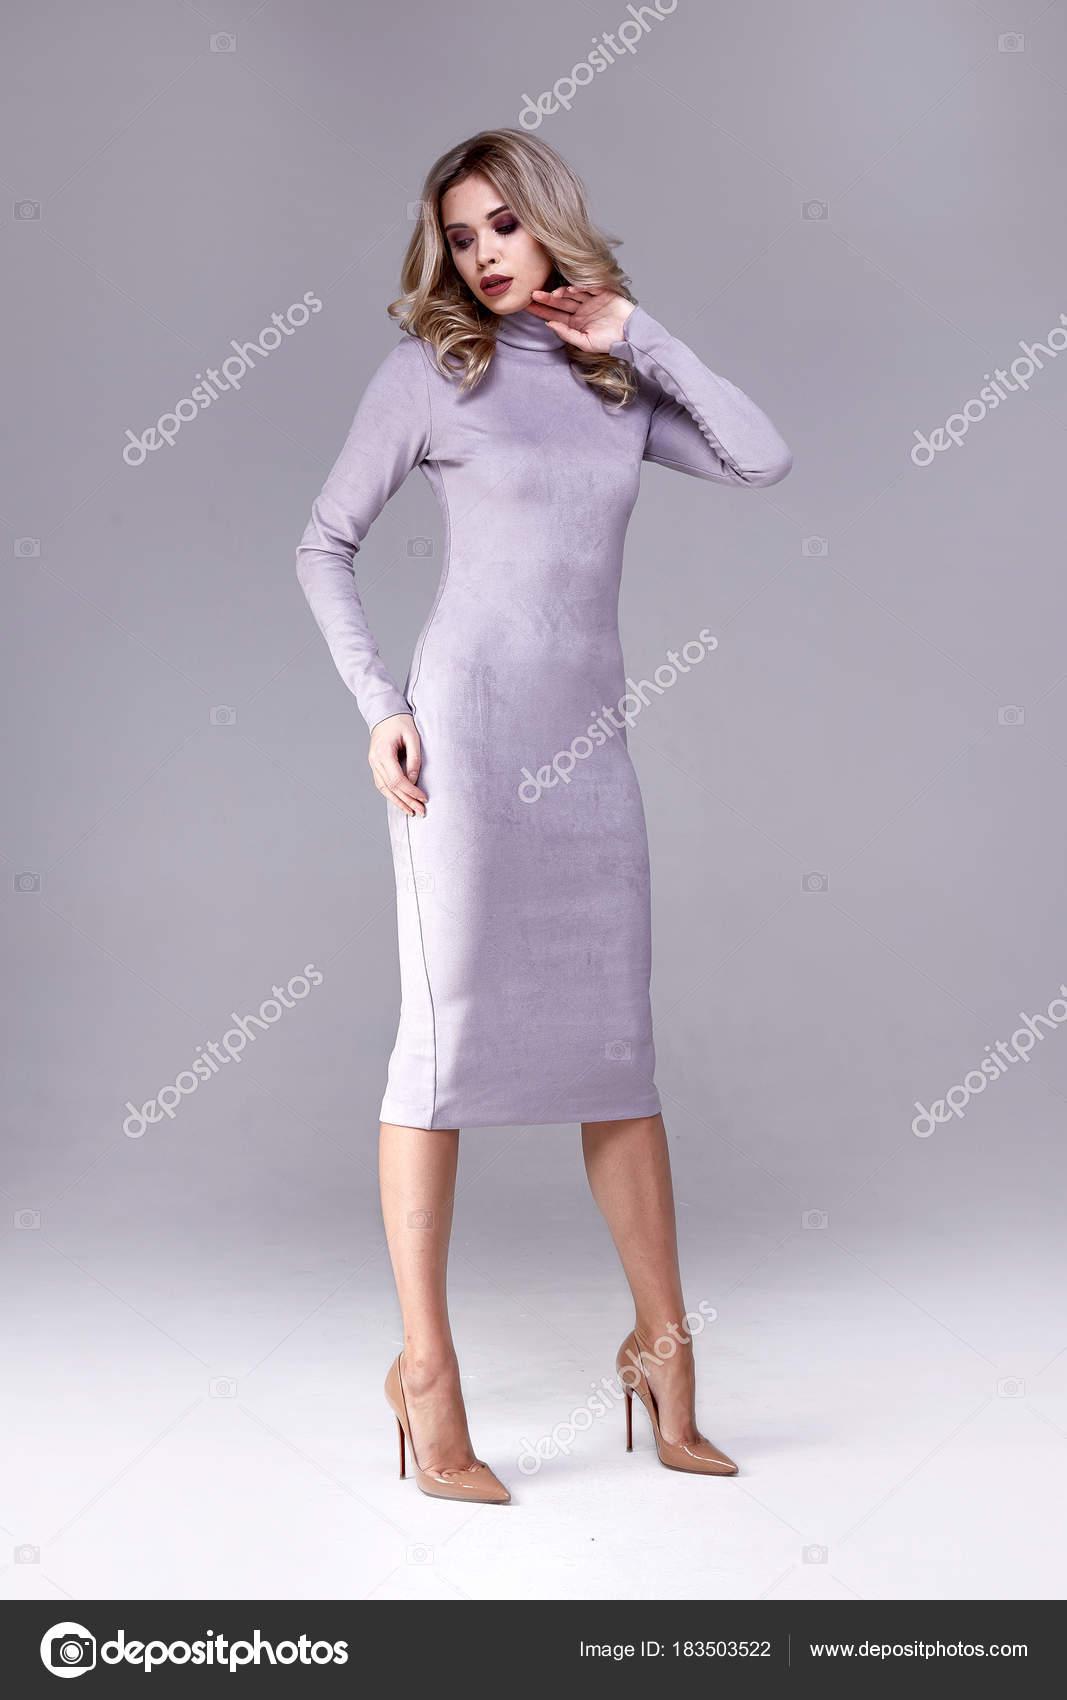 Beauty Woman Modell tragen stilvolles Design Trend Kleidung rosa ...